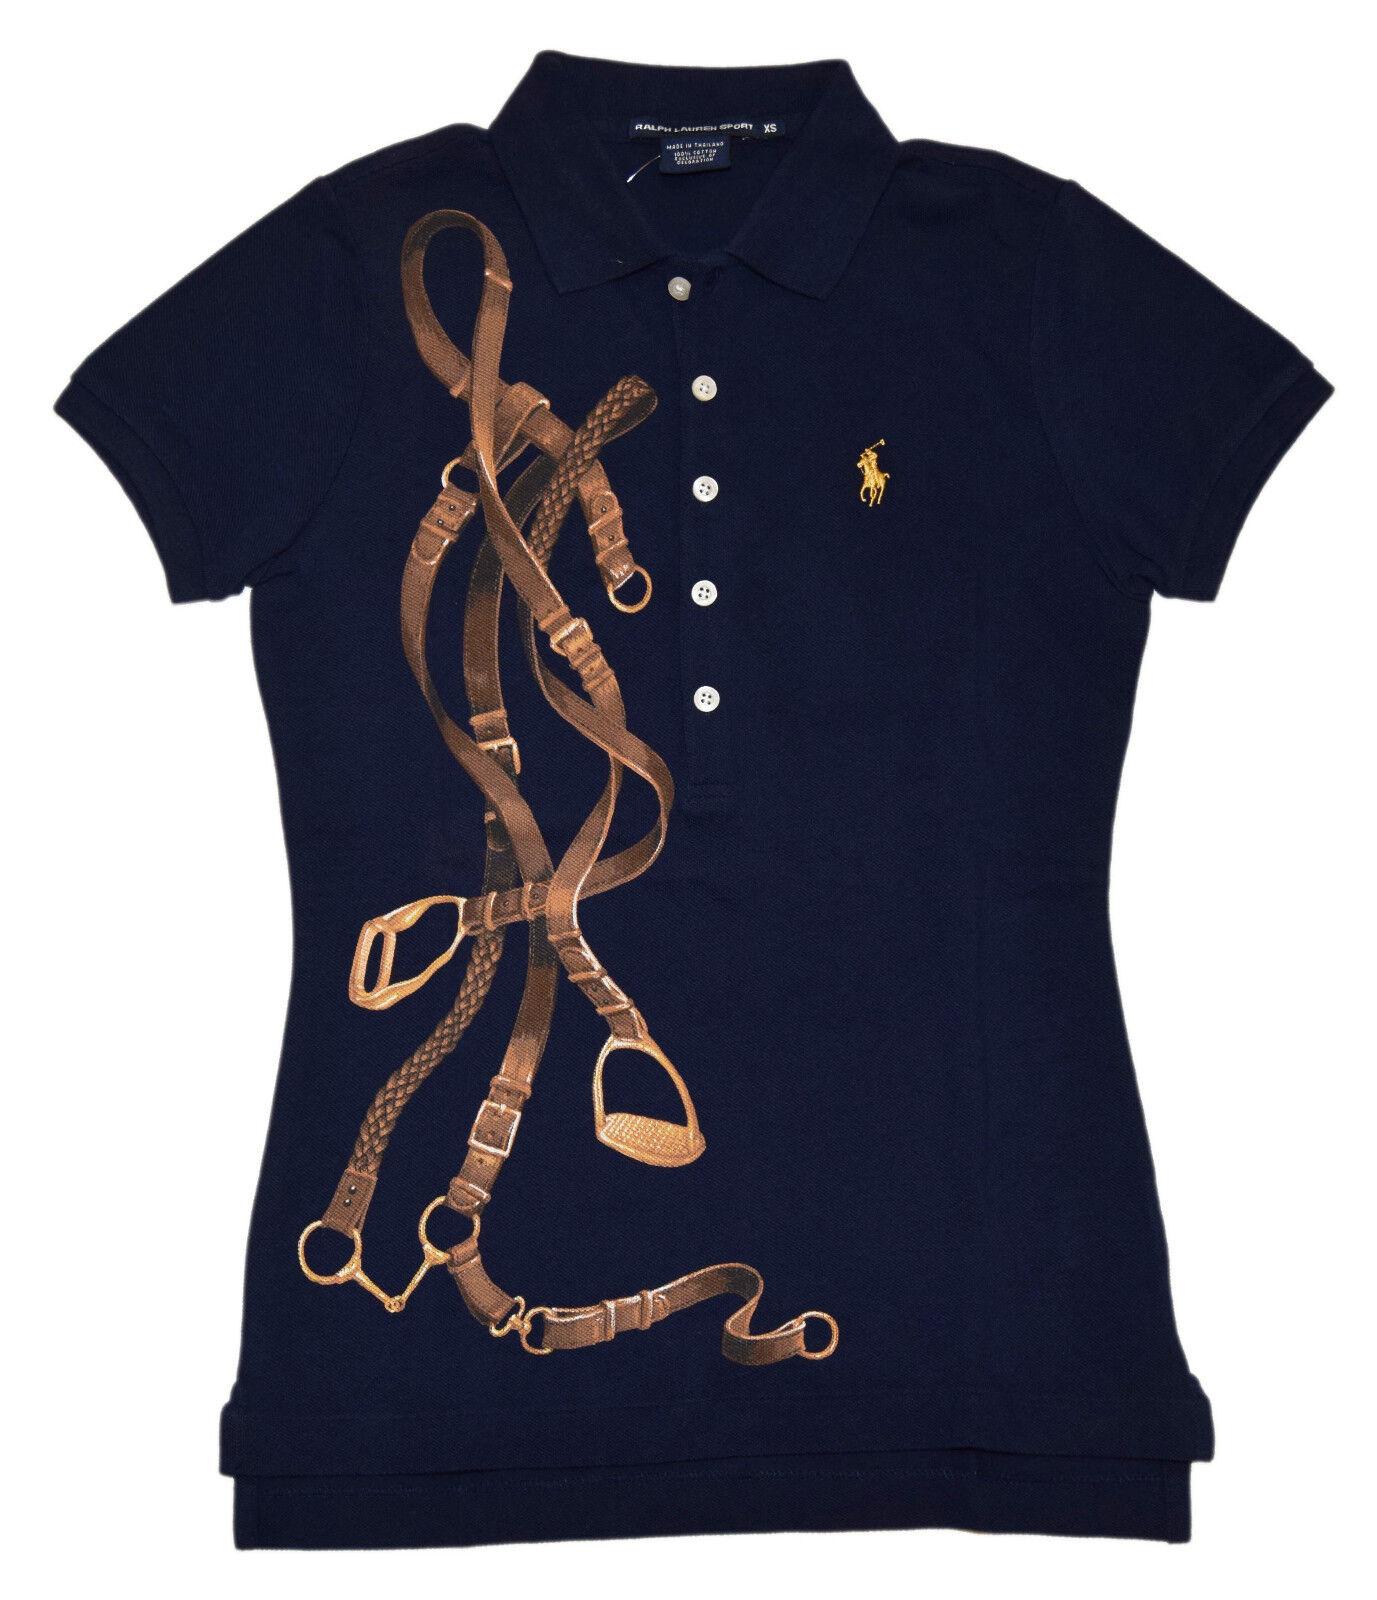 Polo Ralph Lauren Sport damen Short Sleeve Equestrian Shirt Navy Gold Small